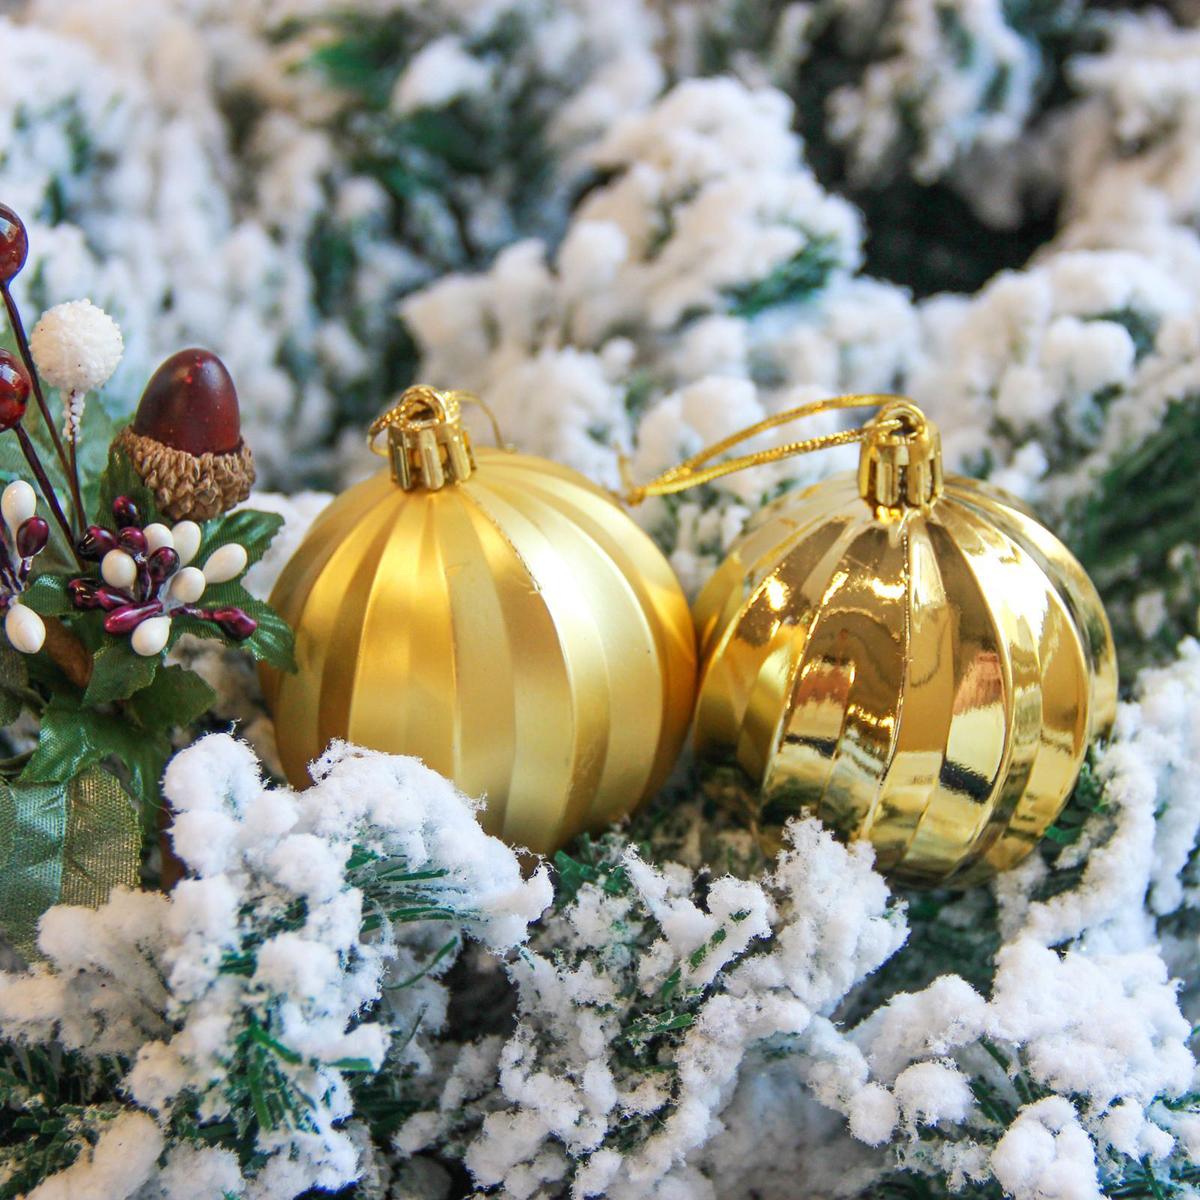 Набор новогодних подвесных украшений Sima-land Пралине, цвет: золотистый, диаметр 6 см, 9 шт2122913Невозможно представить нашу жизнь без праздников! Мы всегда ждём их и предвкушаем, обдумываем, как проведём памятный день, тщательно выбираем подарки и аксессуары, ведь именно они создают и поддерживают торжественный настрой.